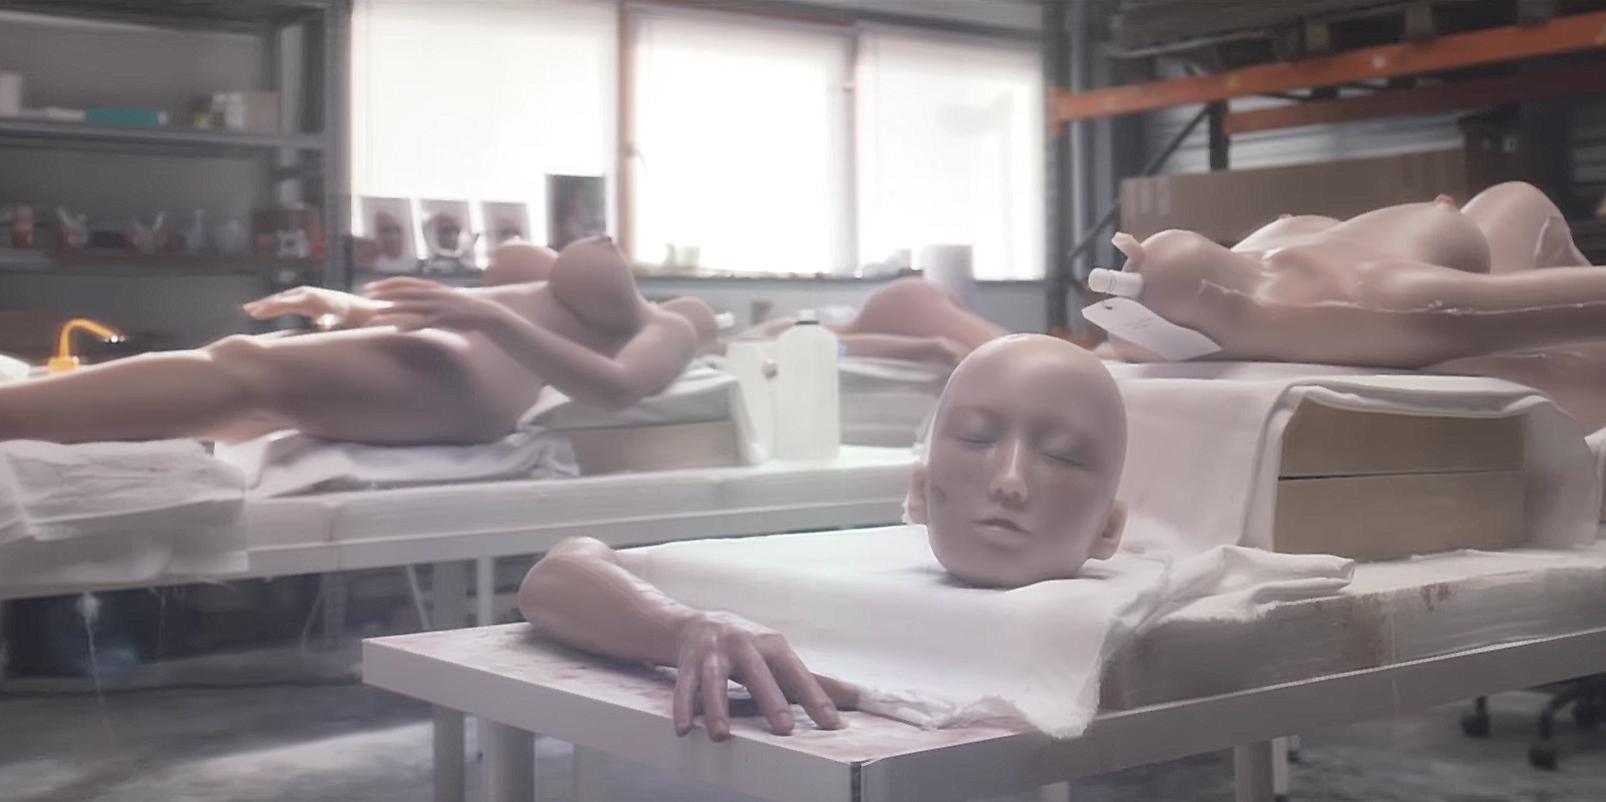 À voir : L.O.A.S en Pygmalion dans 'Flingue en porcelaine'